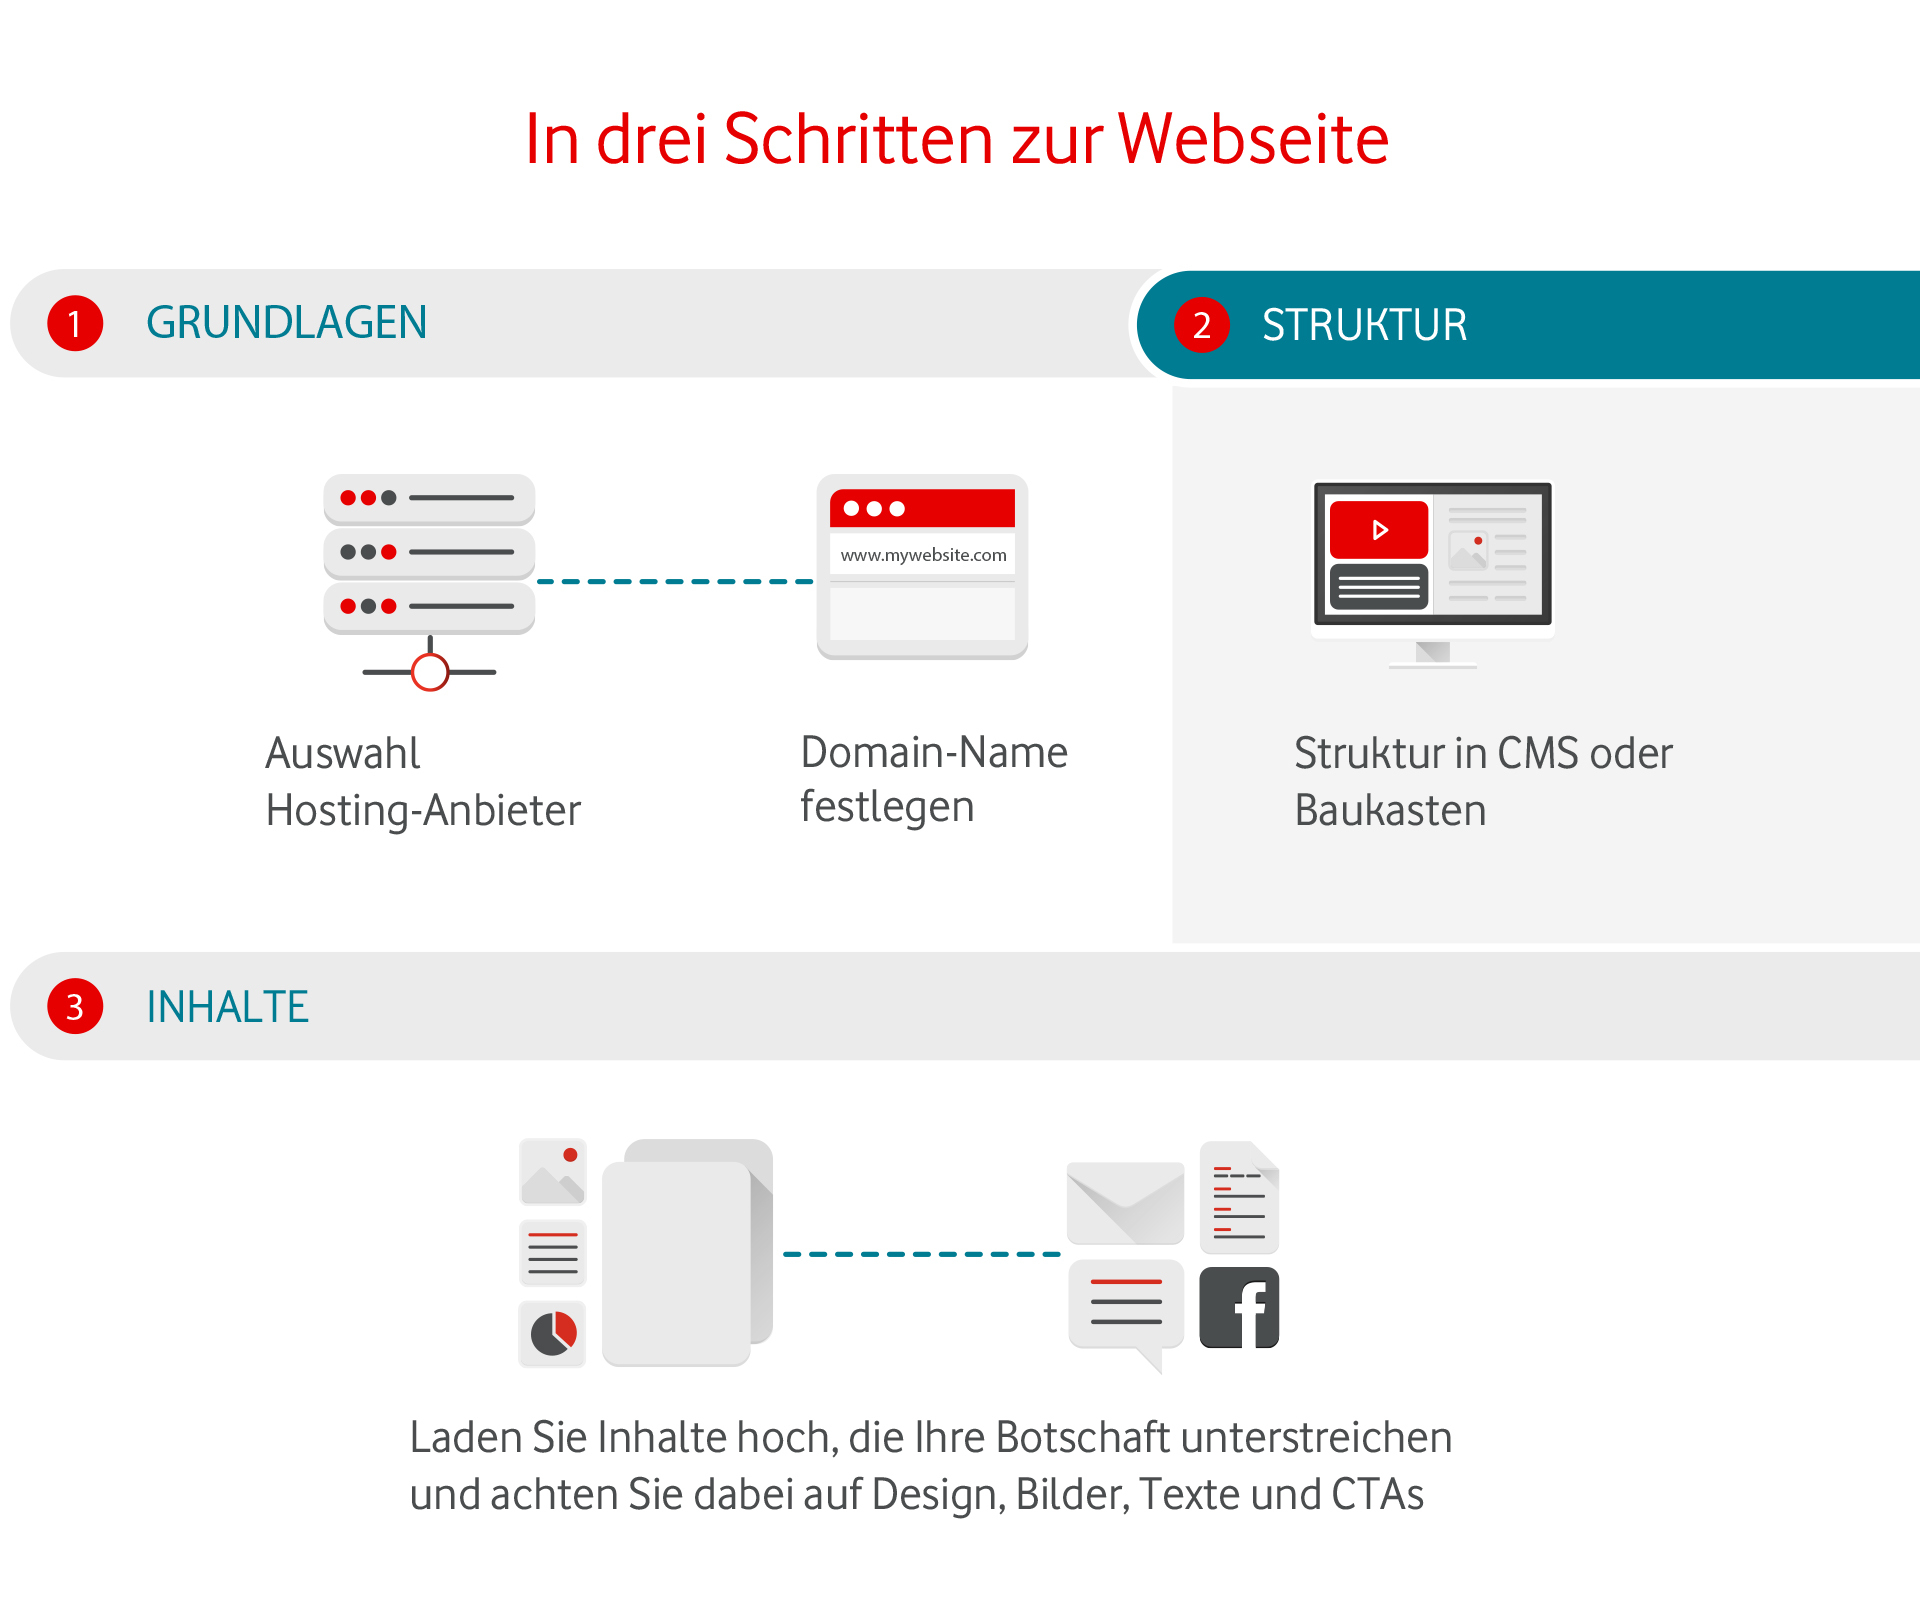 Schema zu Webseite in drei Schritten